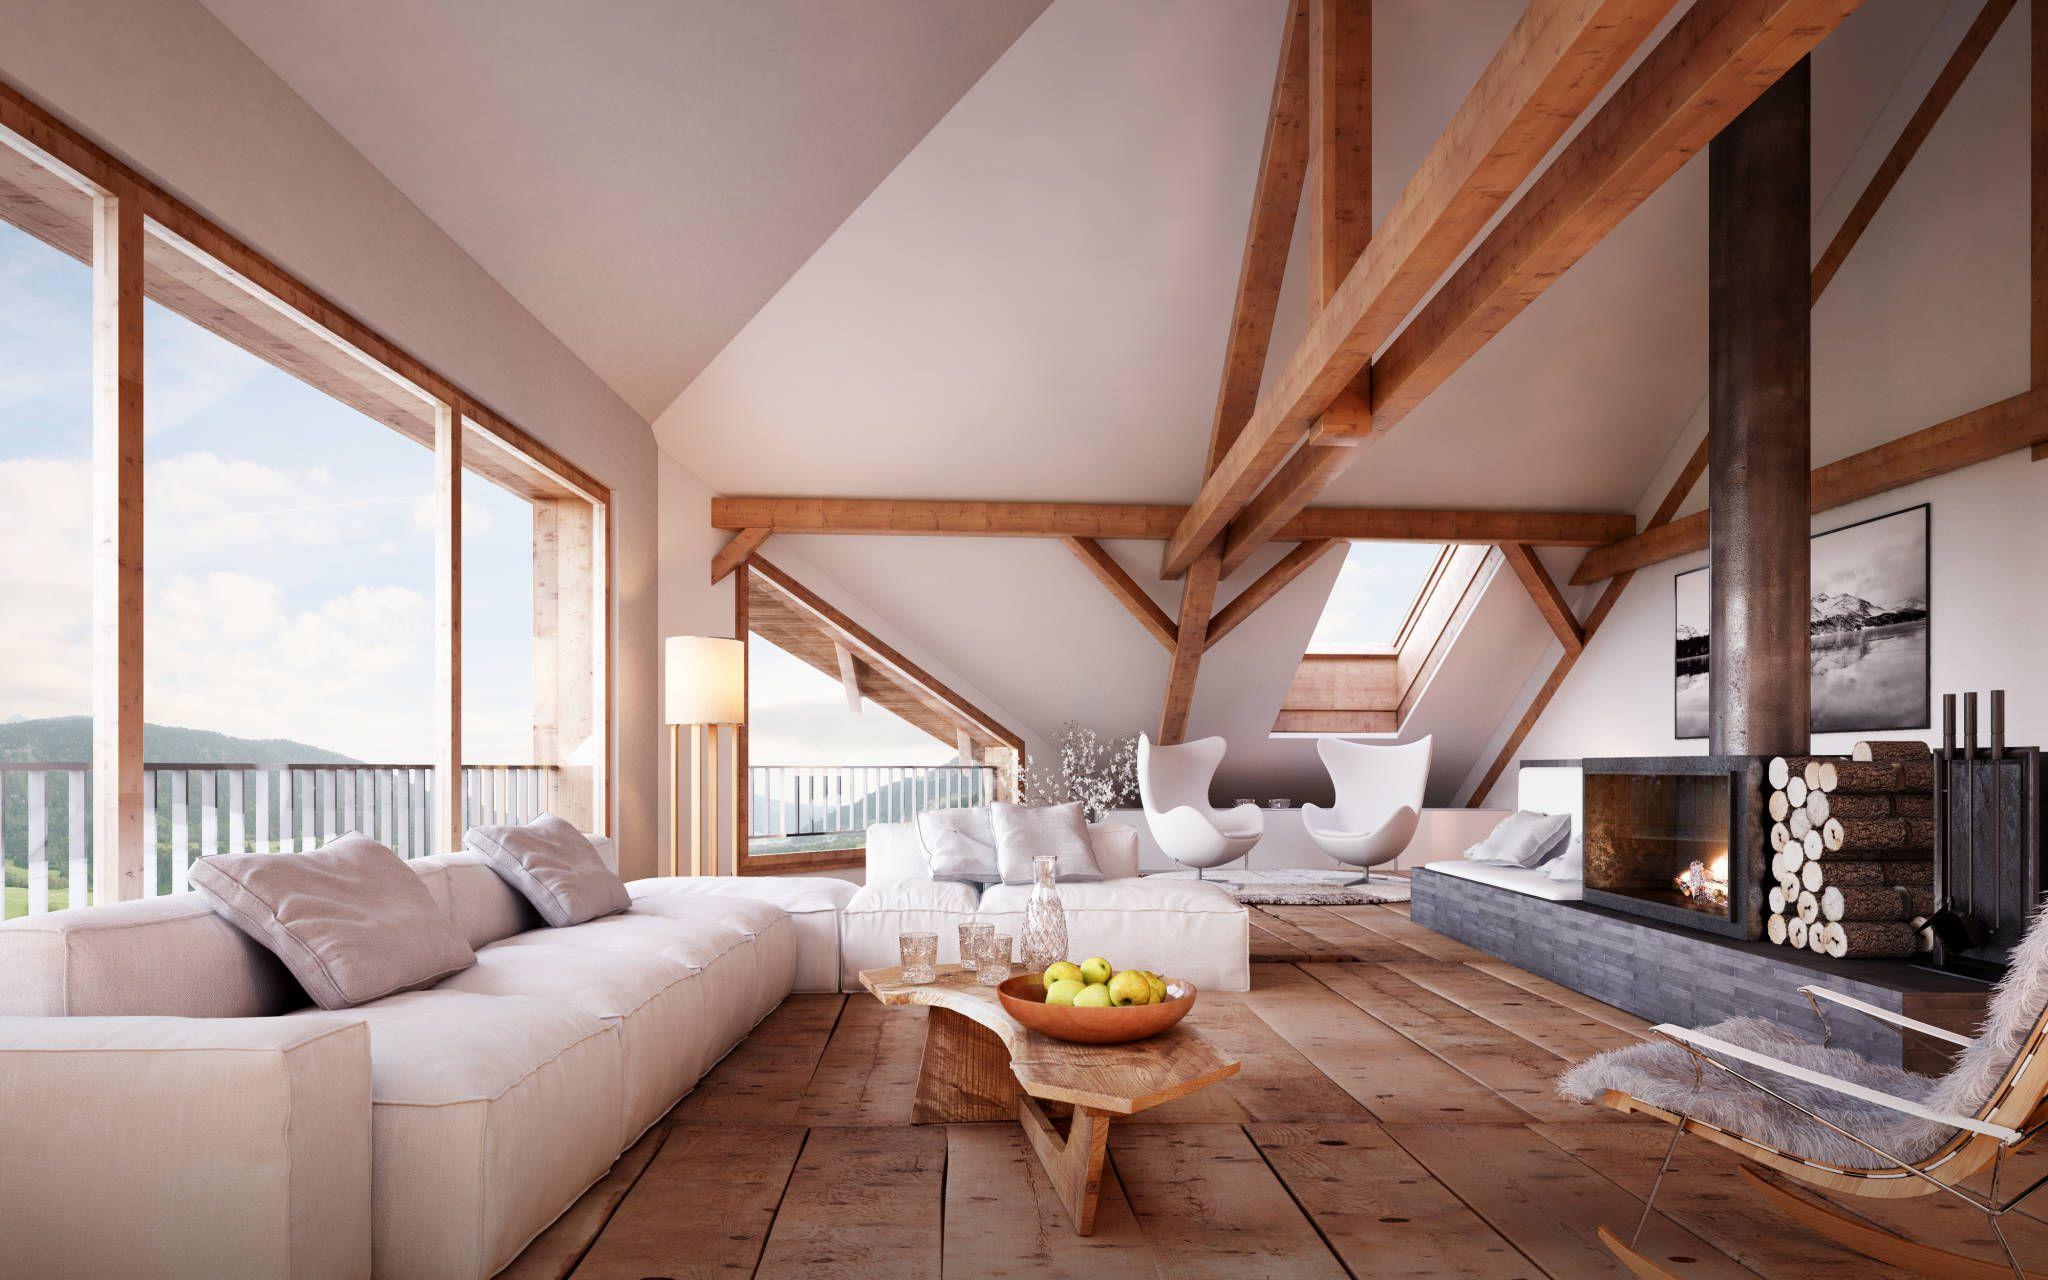 Wohnideen, Interior Design, Einrichtungsideen & Bilder | Cabin, Barn ...